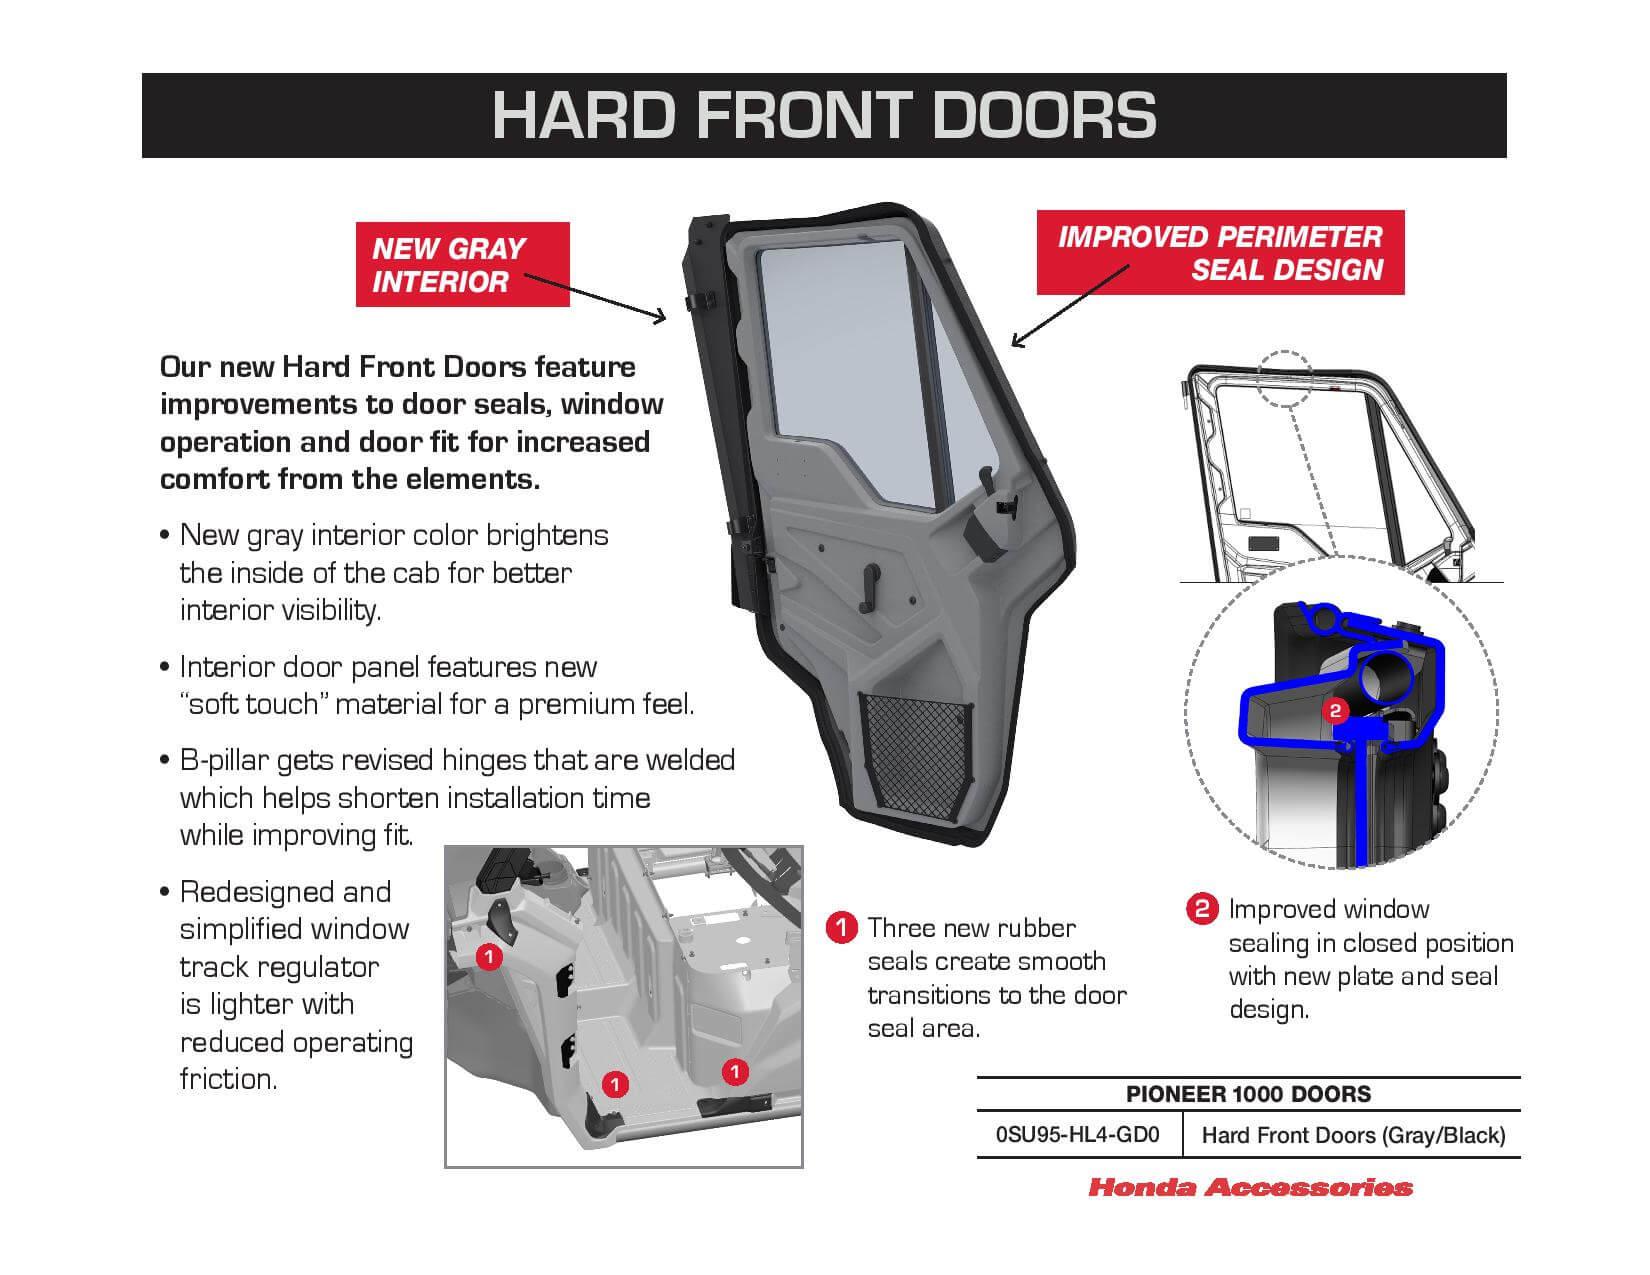 2021 Honda Pioneer 1000 Hard Front Doors Review / Specs | 0SU95-HL4-GD0